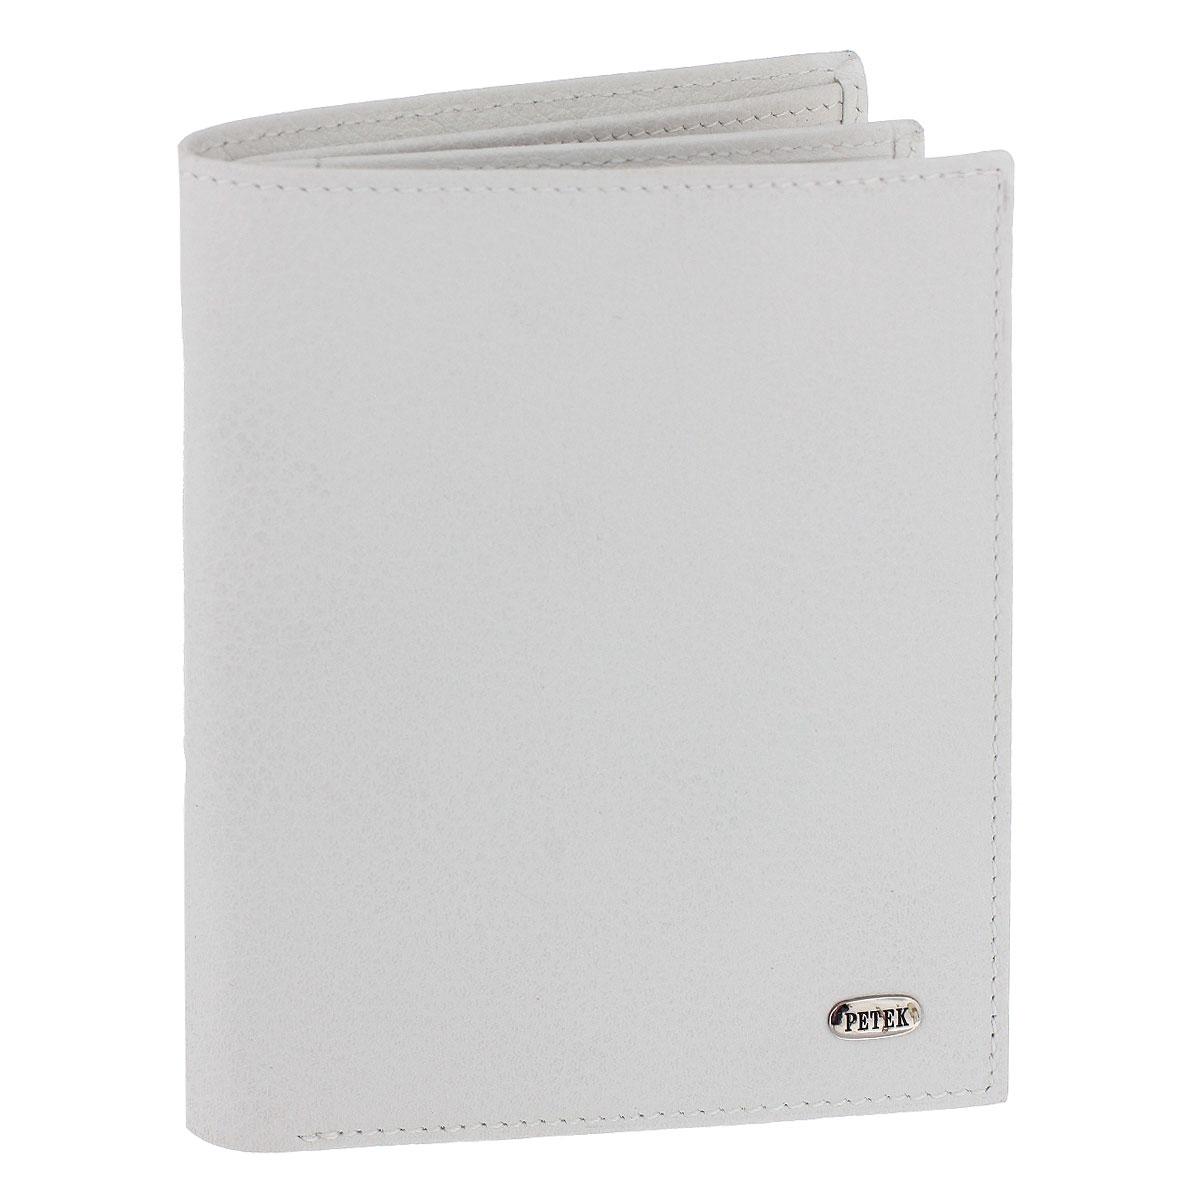 Портмоне Petek, цвет: белый. 327.046.00327.046.00 WhiteСтильное портмоне Petek изготовлено из высококачественной натуральной кожи с фактурной поверхностью. Внутри - отделение для купюр, четыре кармана для чеков и мелких бумаг, девять кармашков для кредитных карт и визиток и два кармана с сетчатыми вставками для фотографий. Стильное и практичное портмоне Petek идеально подчеркнет ваш образ. Упаковано в фирменную картонную коробку с логотипом брэнда.